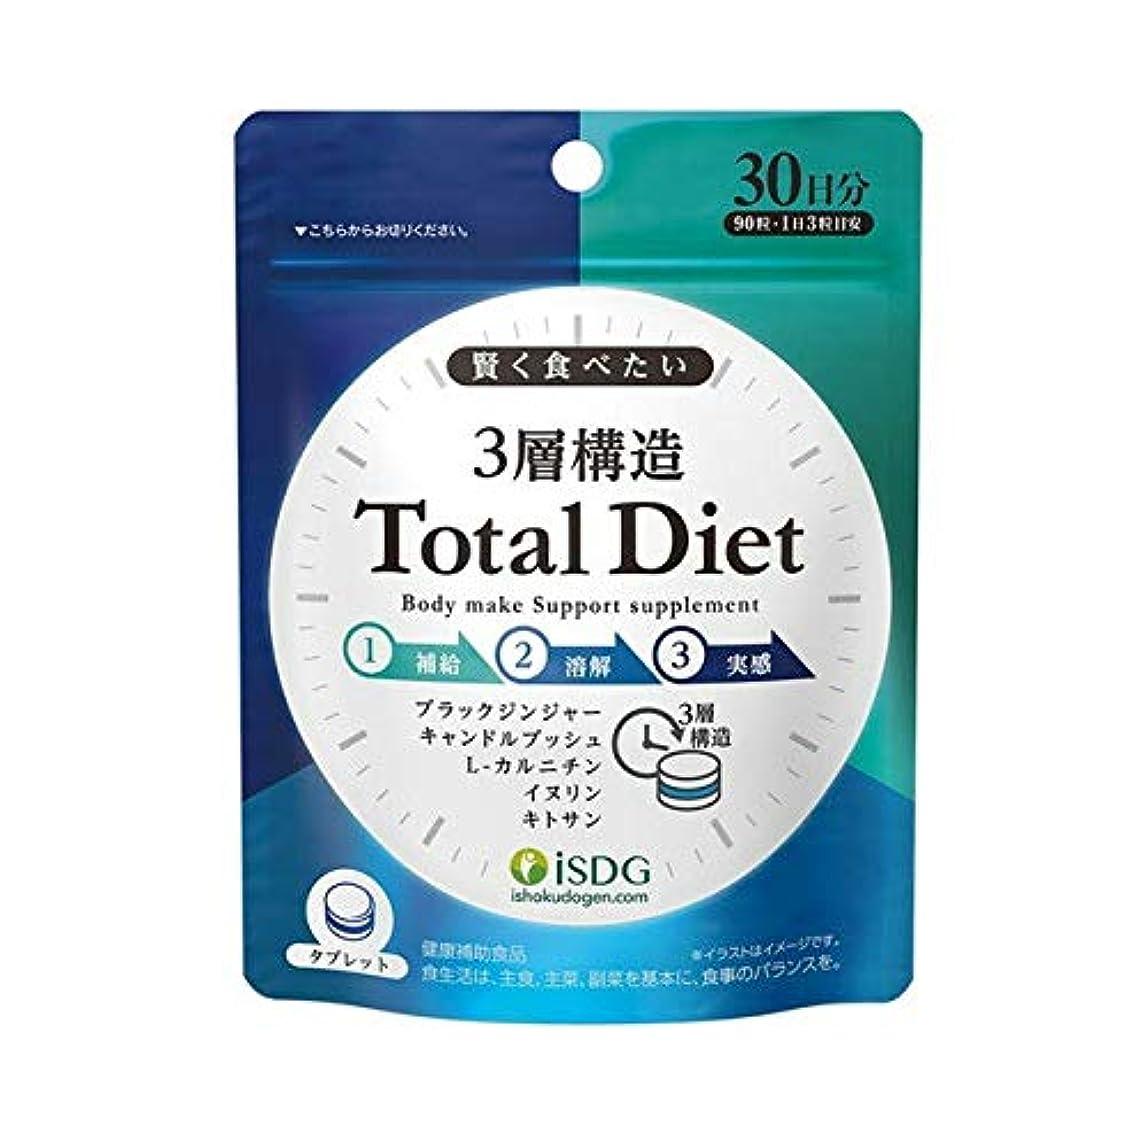 定数重なる講師医食同源ドットコム ISDG 3層構造 Total Diet 90粒入 トータル ダイエット×10個セット